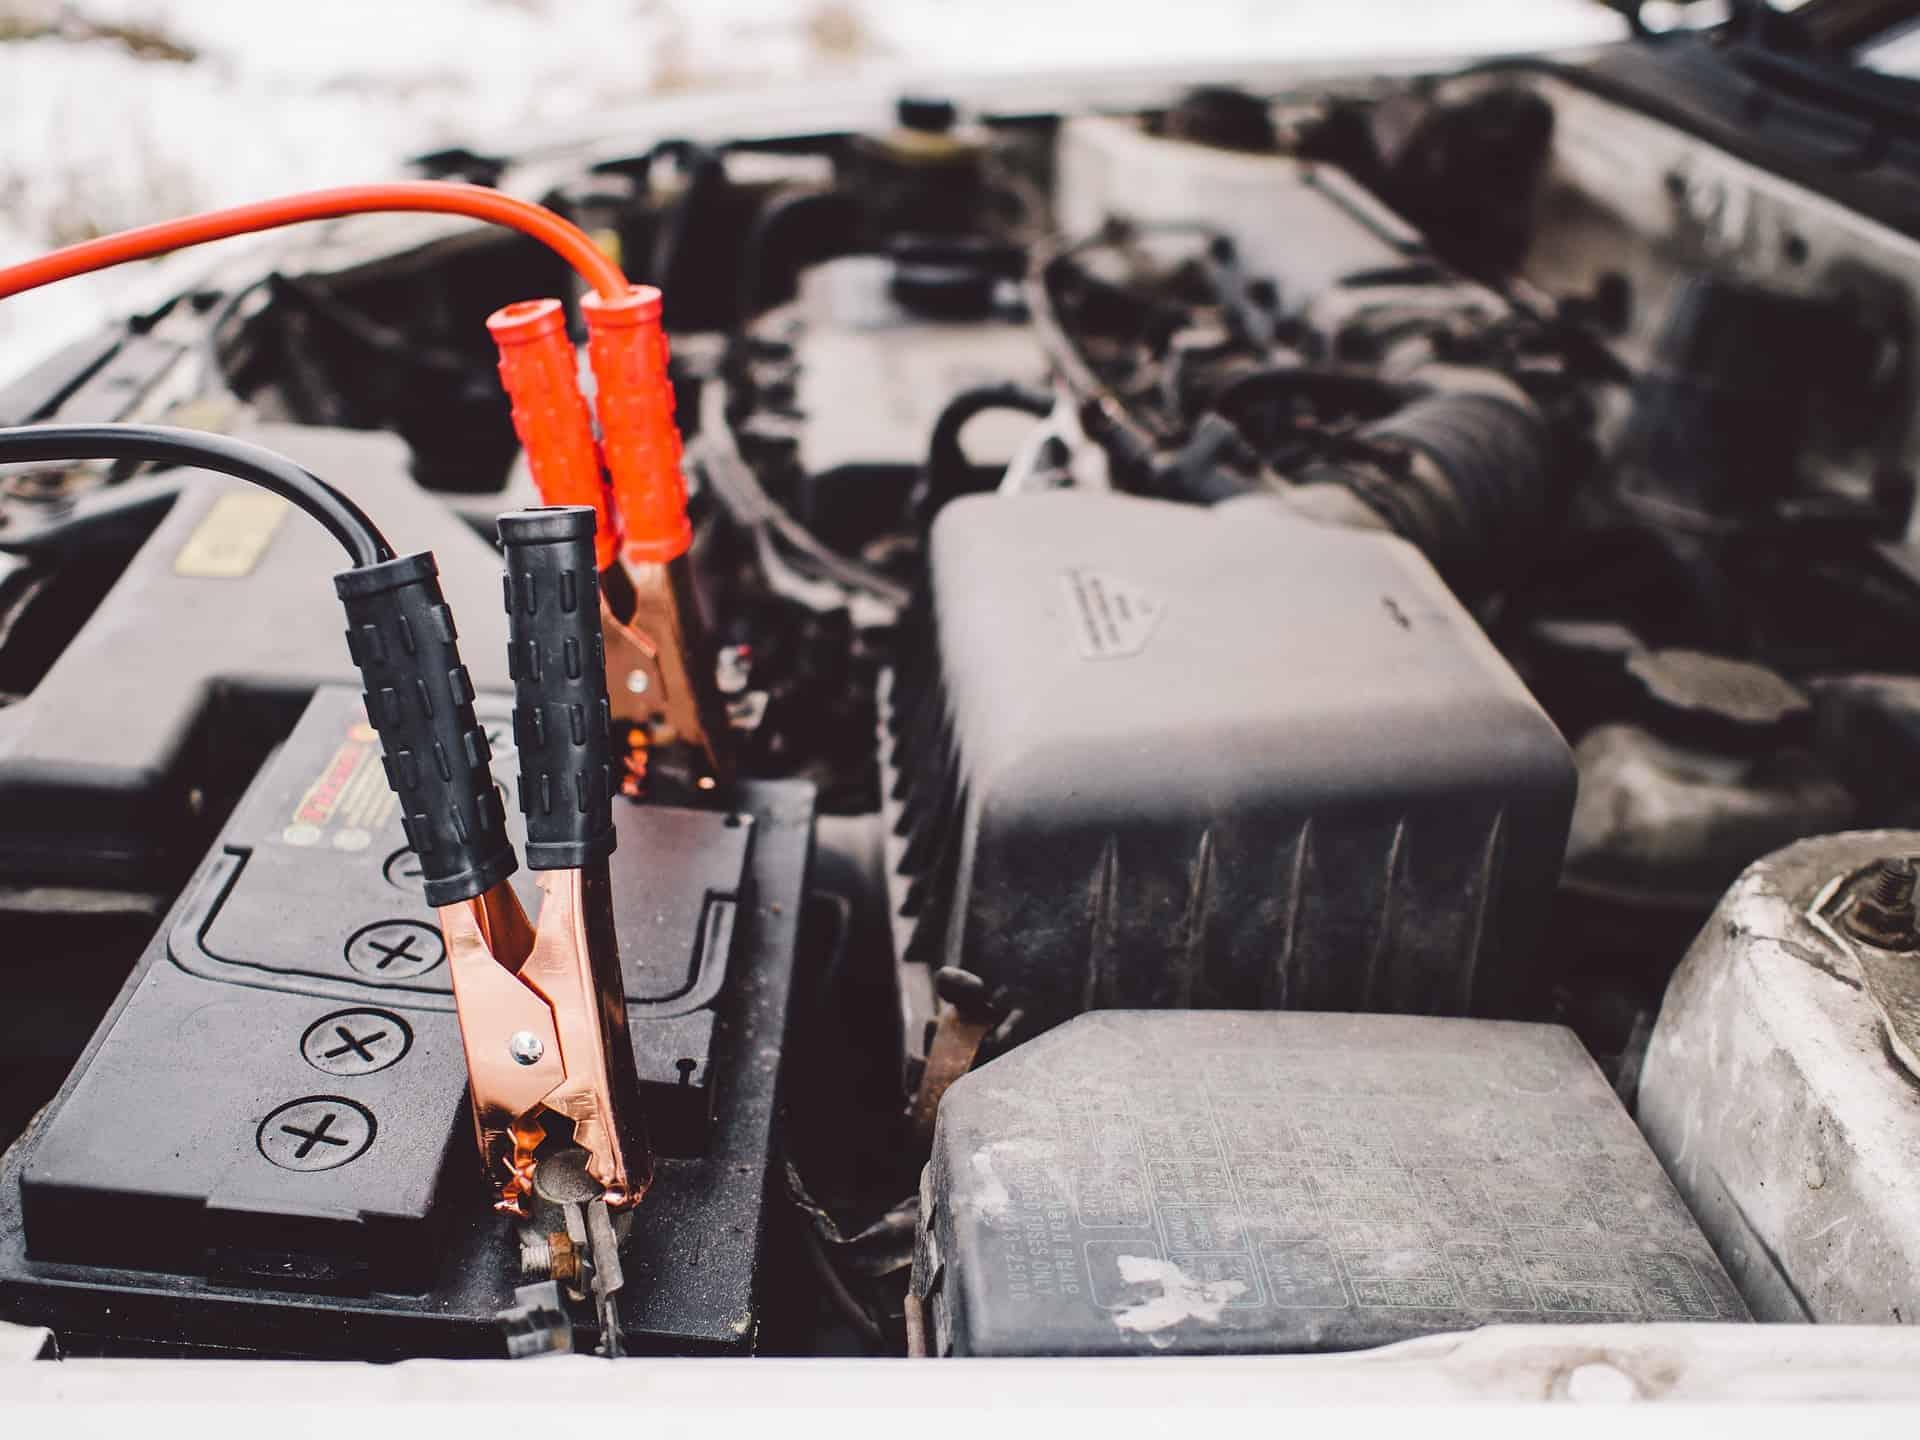 Autobatterie-Ladegerät: Test & Empfehlungen (04/20)